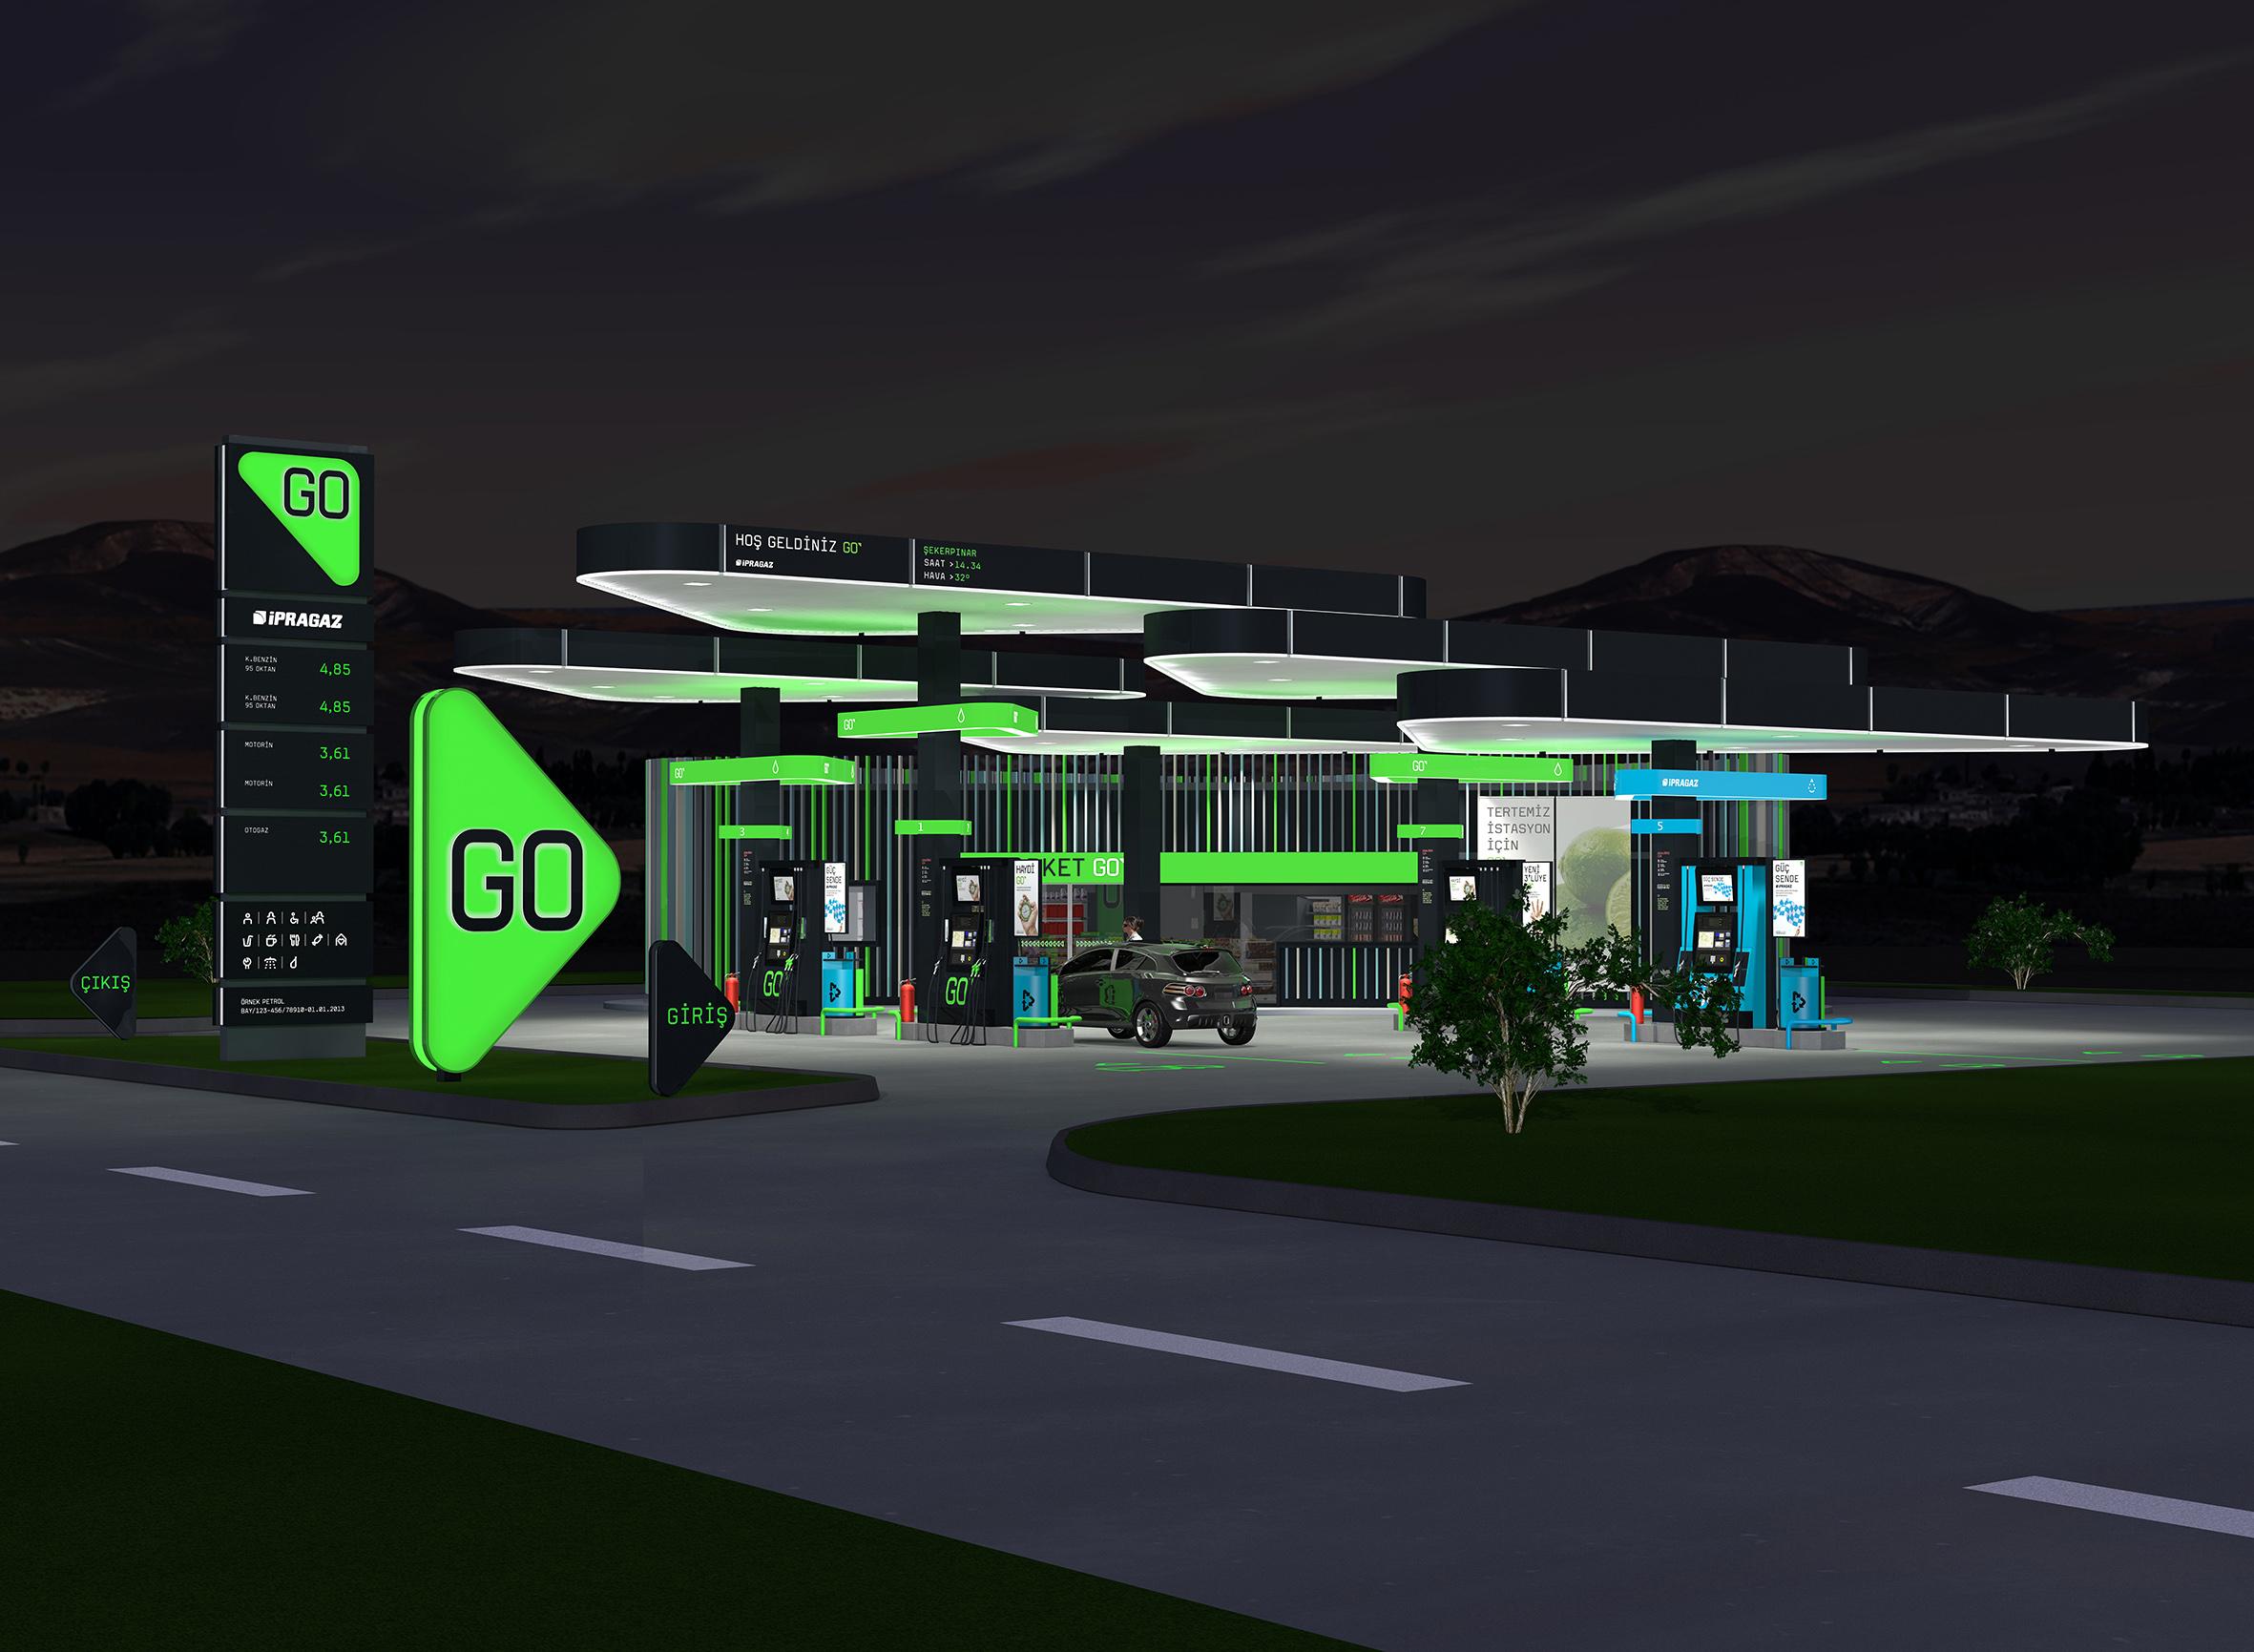 retail gasolinera futuro